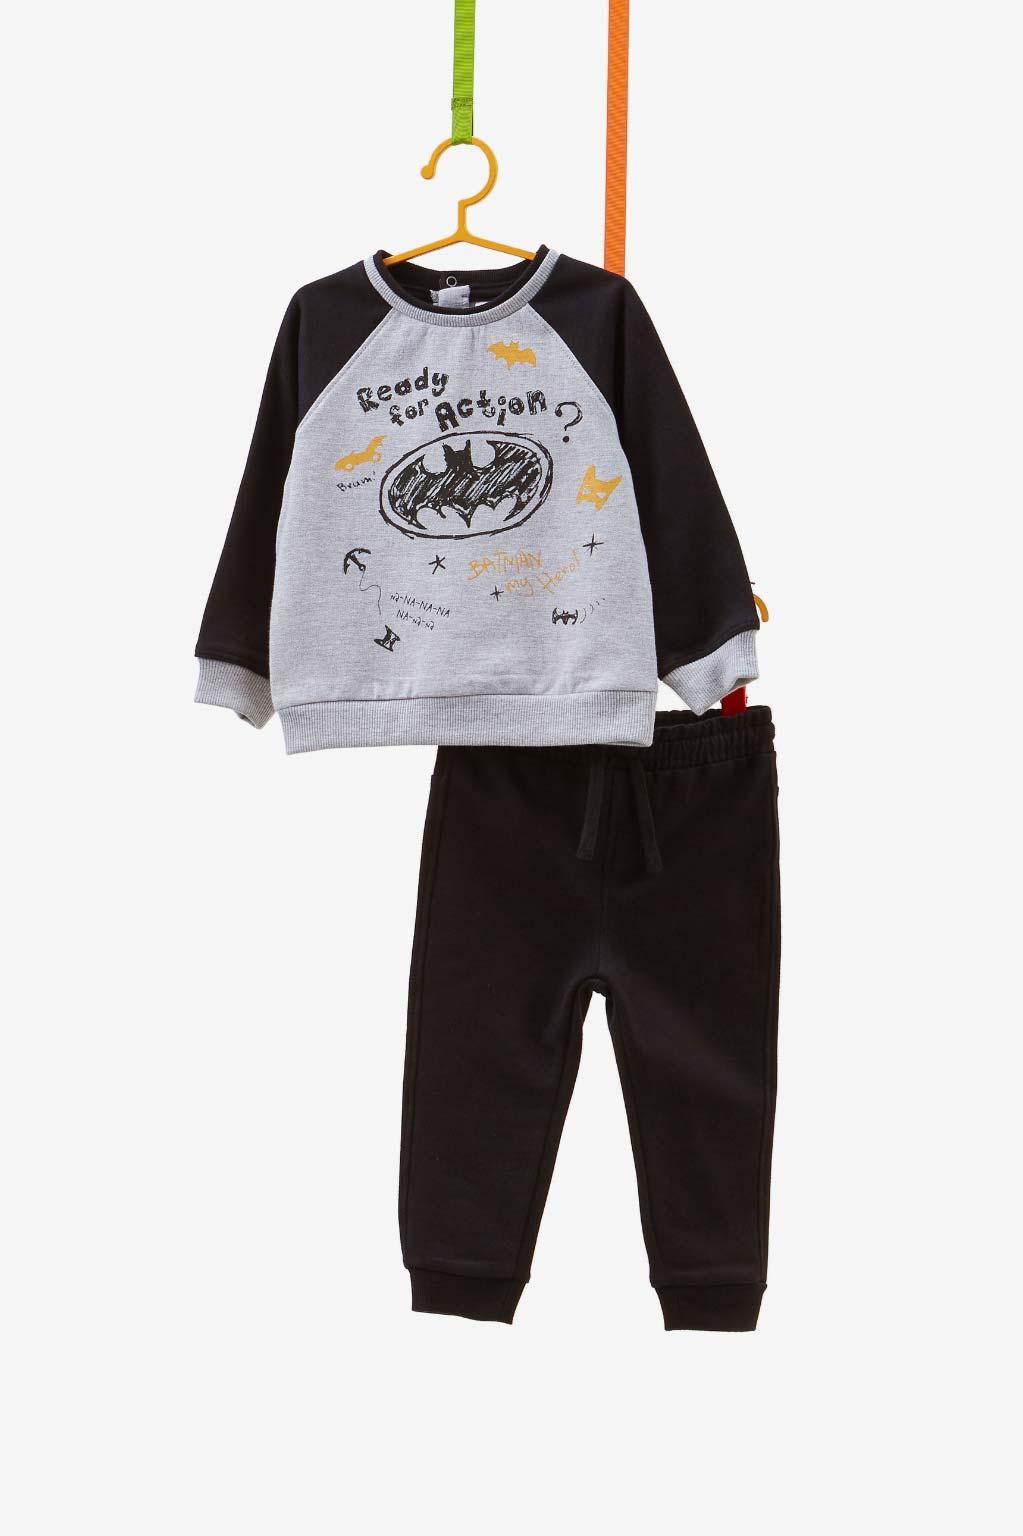 חליפת פוטר OVS עם הדפס של באטמן לילדים - שחור ואפור